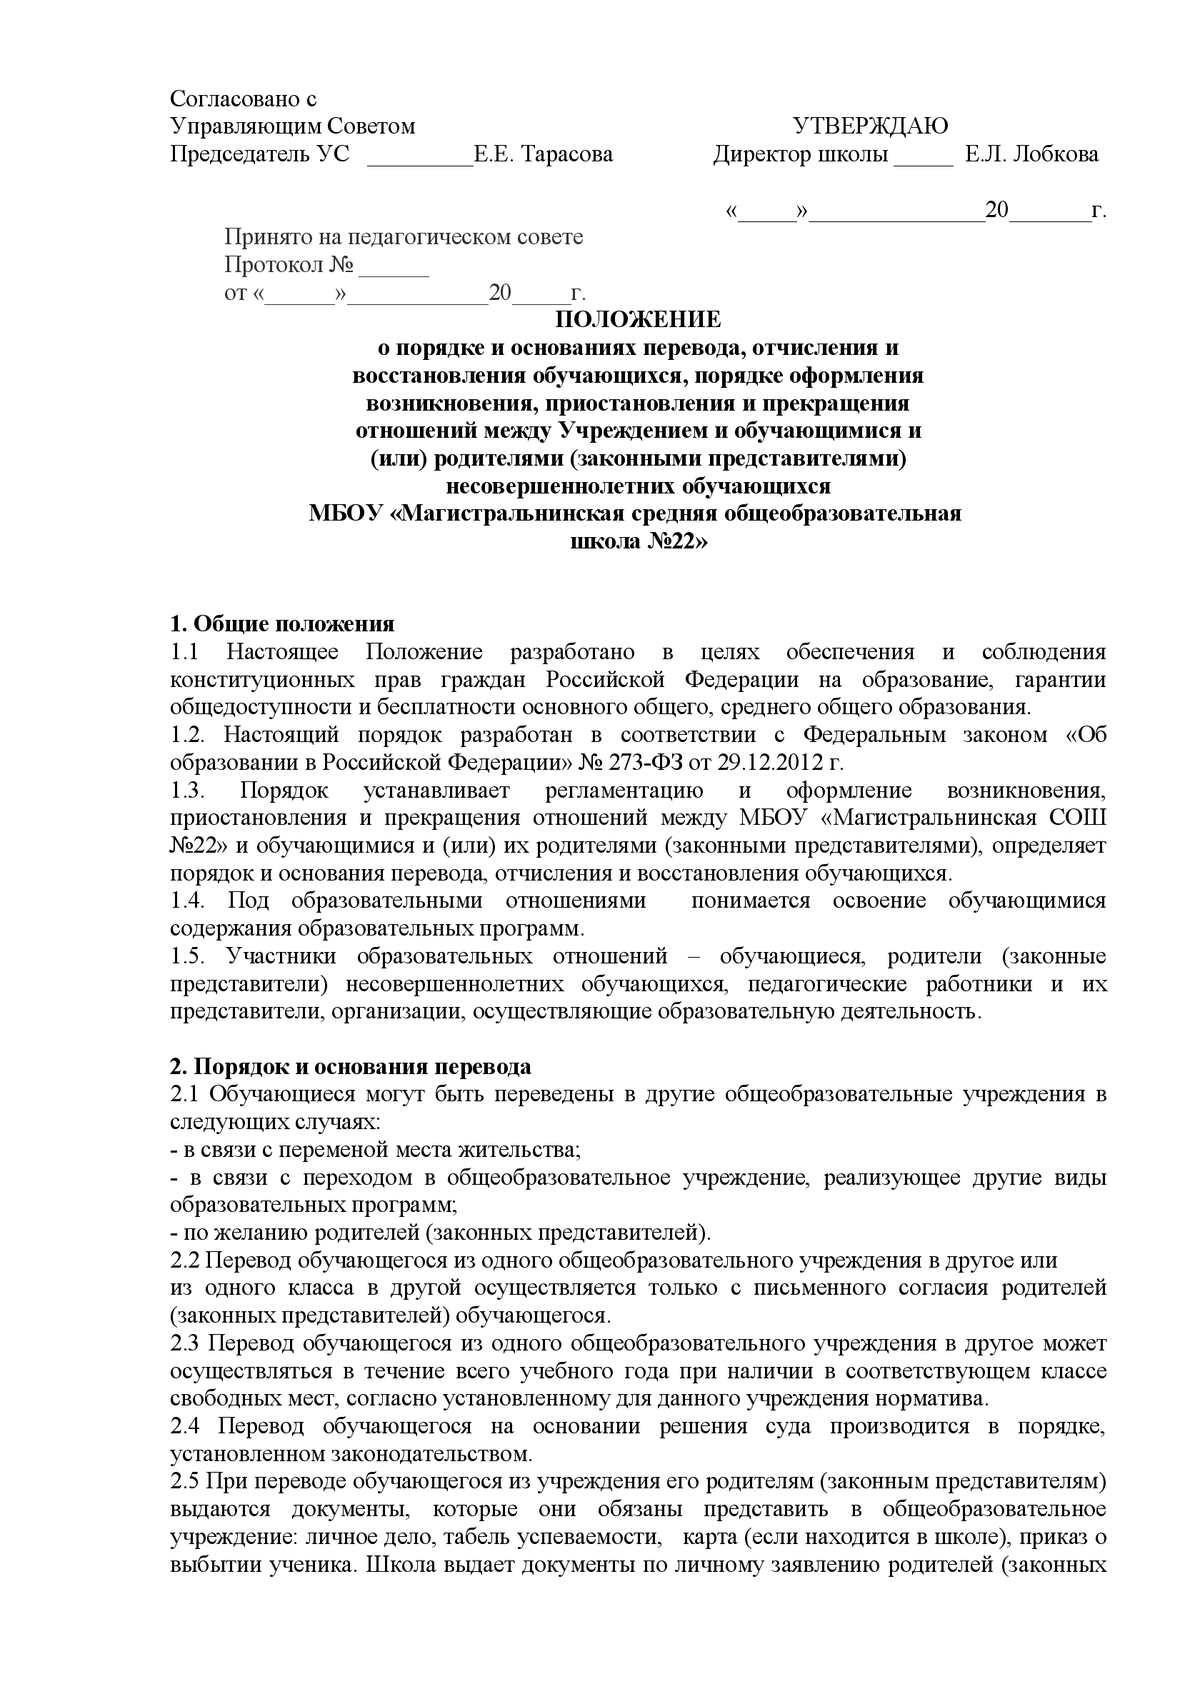 Годовой бюджет россии на 2019 год в долларах